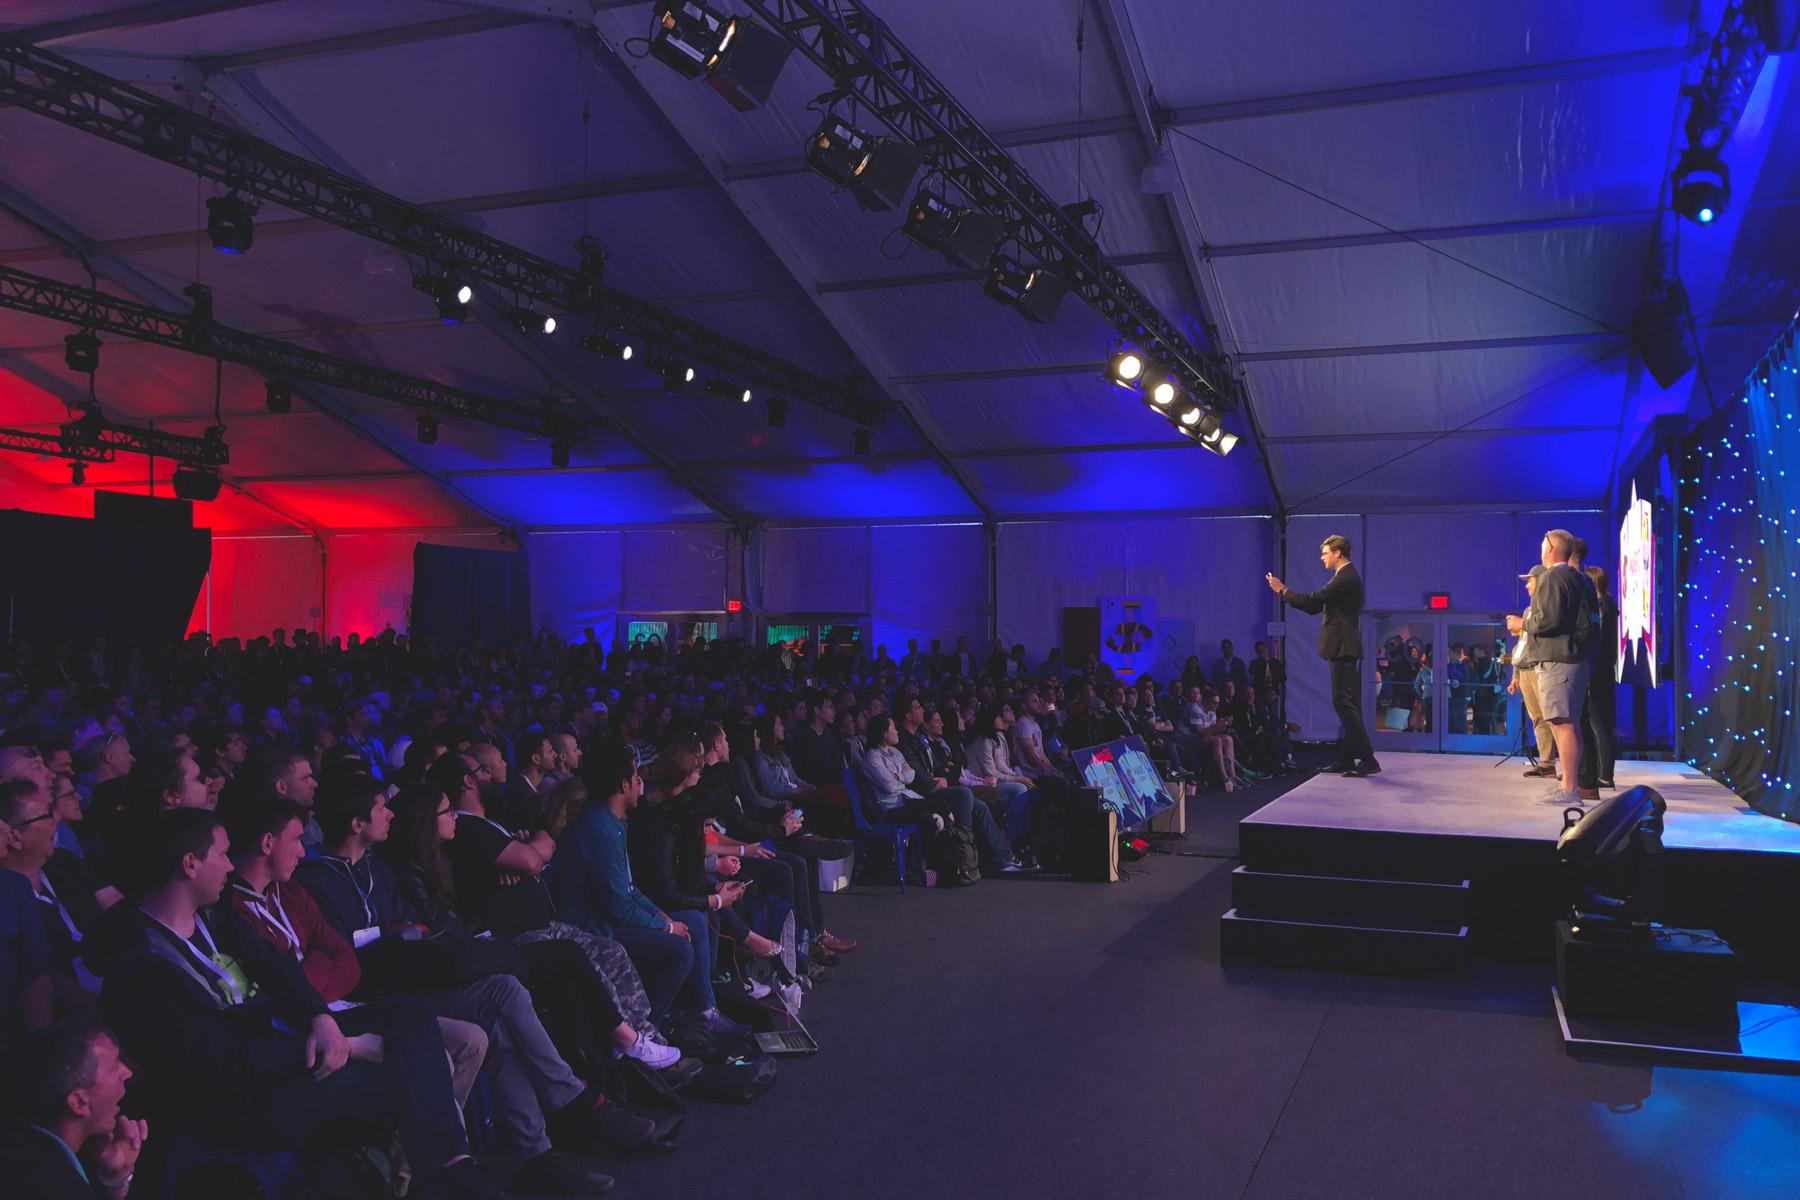 Headlining Google I/O conference